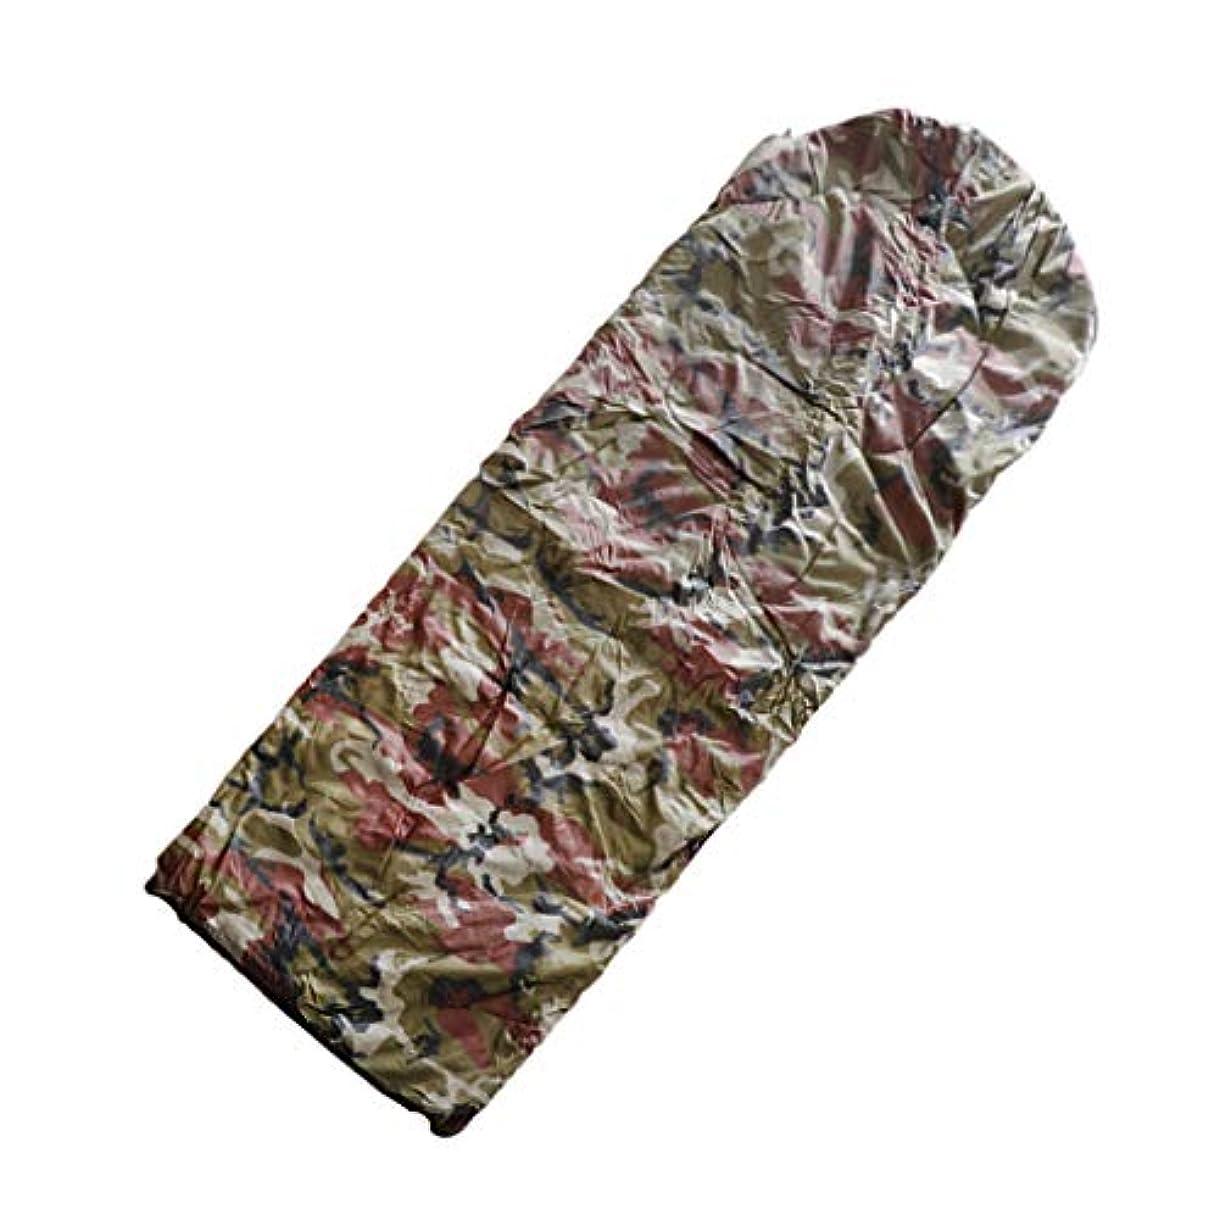 長老海港織るDYNWAVE 寝袋 シュラフ フード付 封筒式 冬用 収納袋付 保暖 キャンプ 旅行